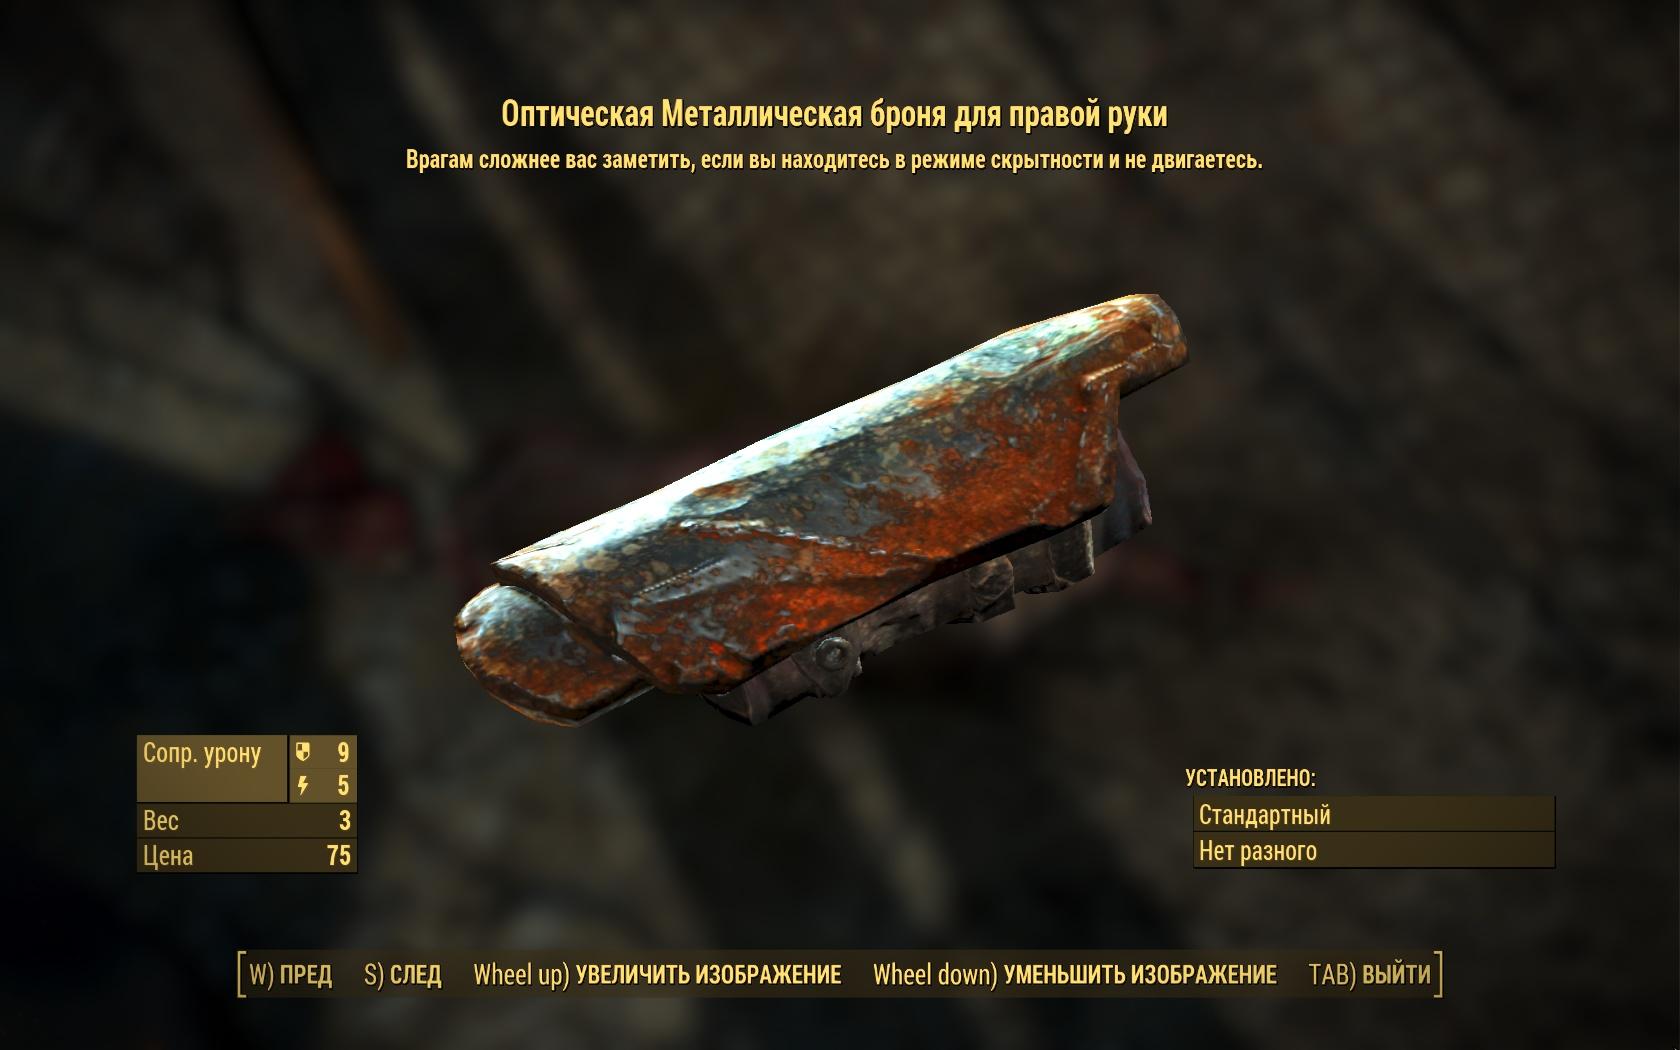 Оптическая металлическая броня для правой руки - Fallout 4 броня, металлическая, Одежда, Оптическая